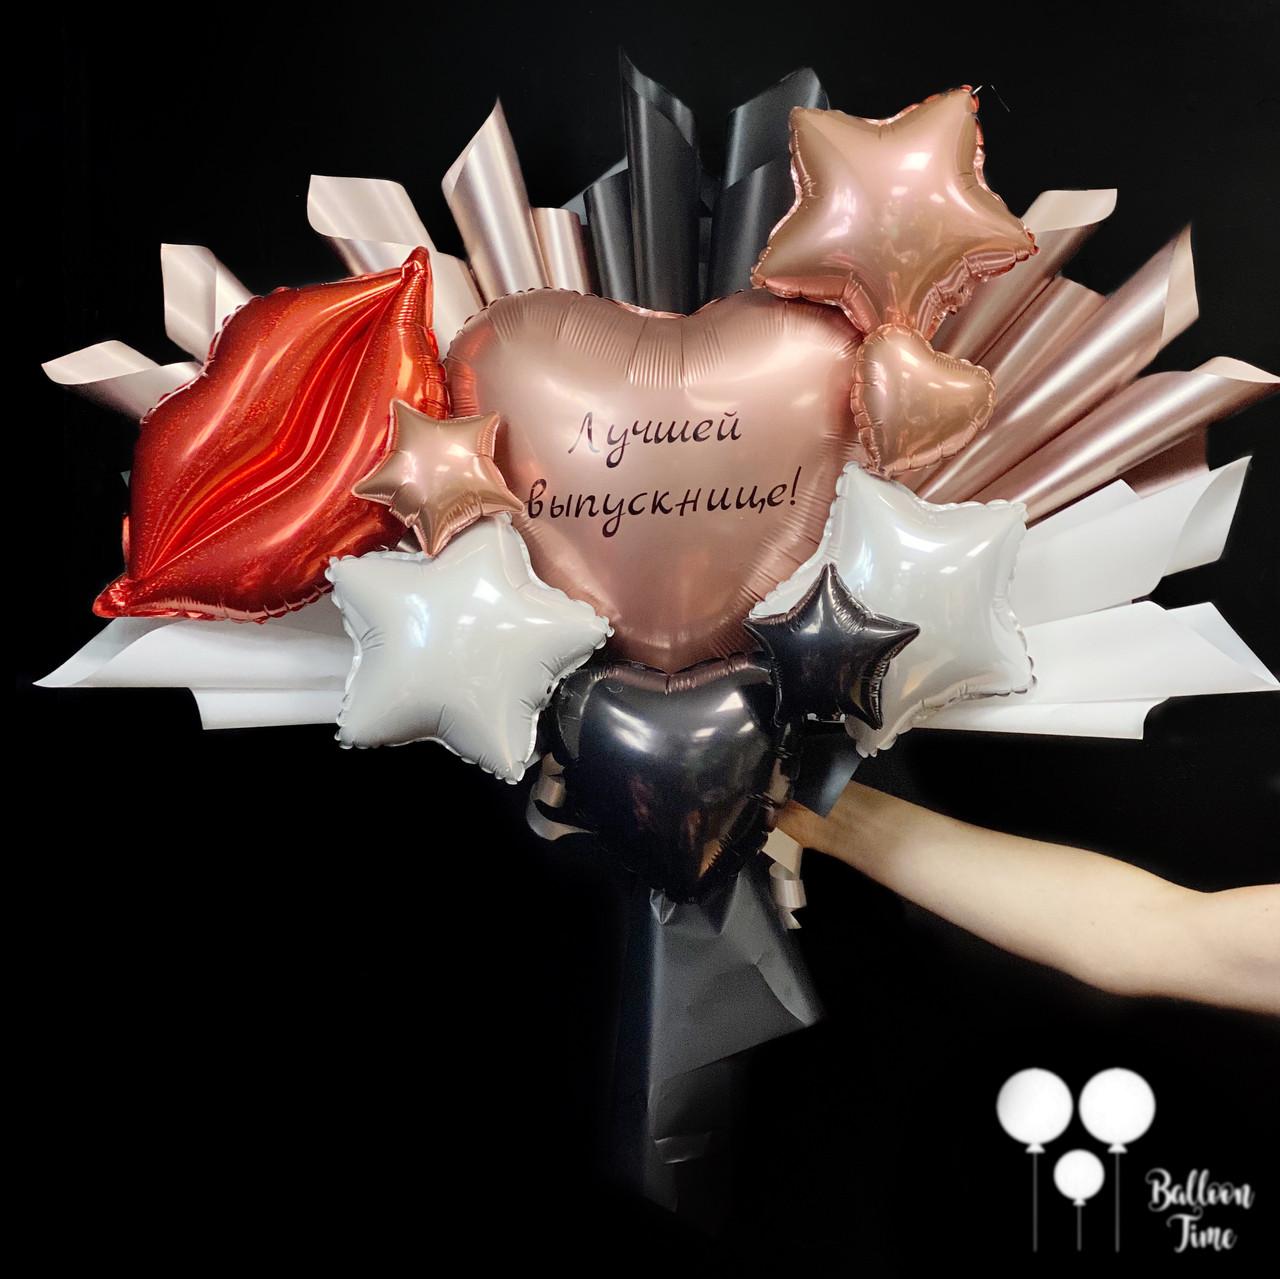 Женственный букет из мини-фигур с губками